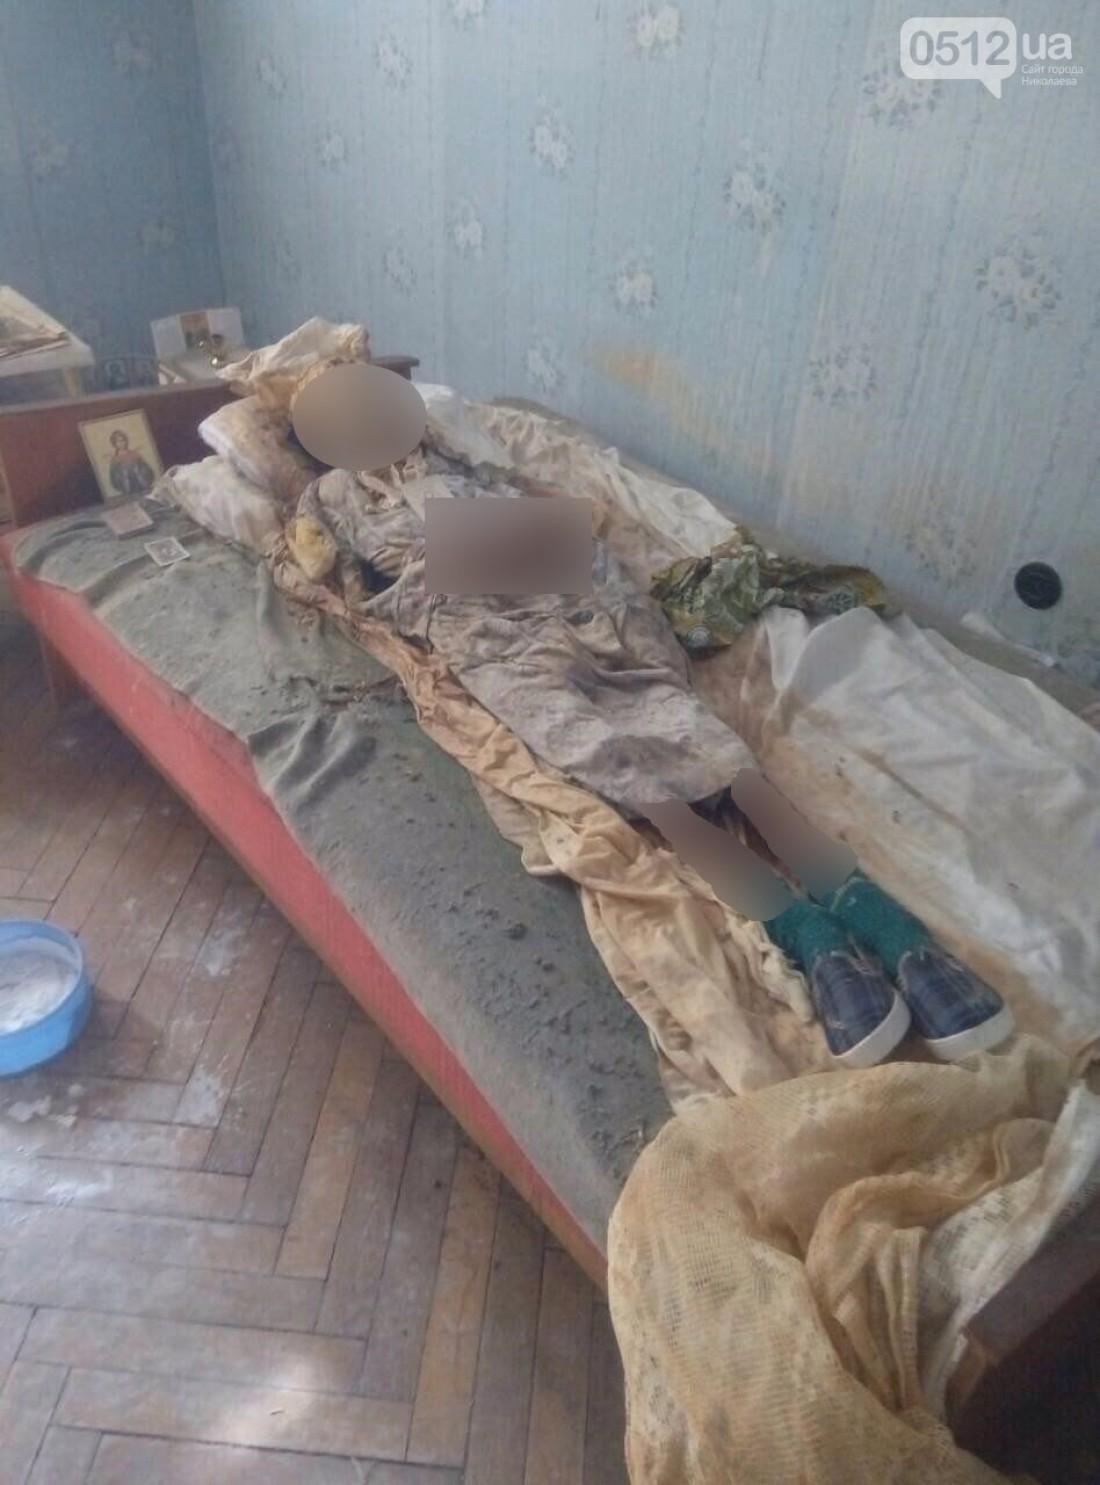 Возраст мумии составляет предположительно 30 лет